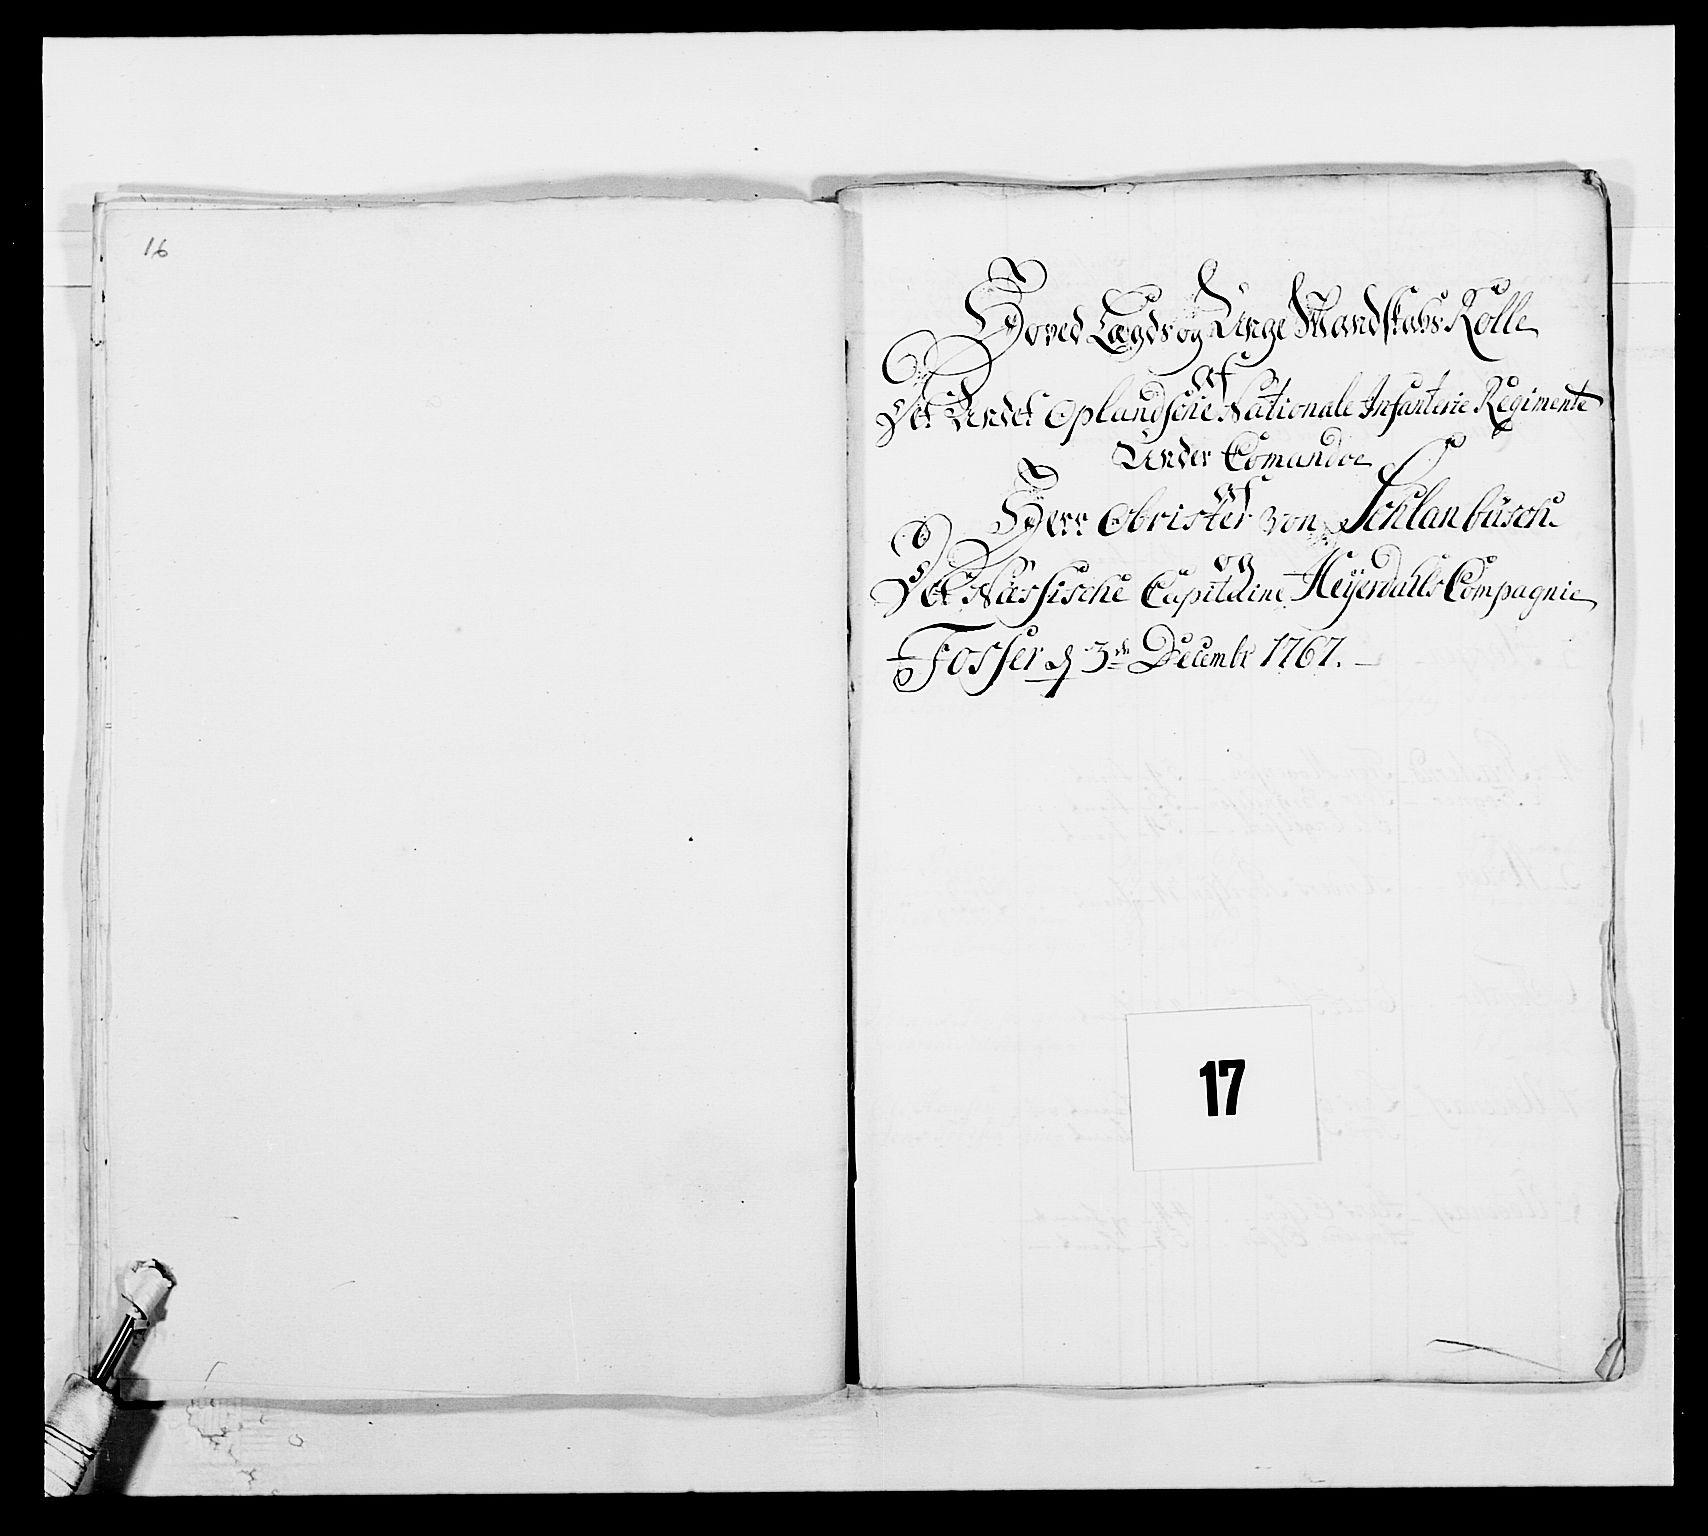 RA, Kommanderende general (KG I) med Det norske krigsdirektorium, E/Ea/L0507: 2. Opplandske regiment, 1766-1767, s. 372